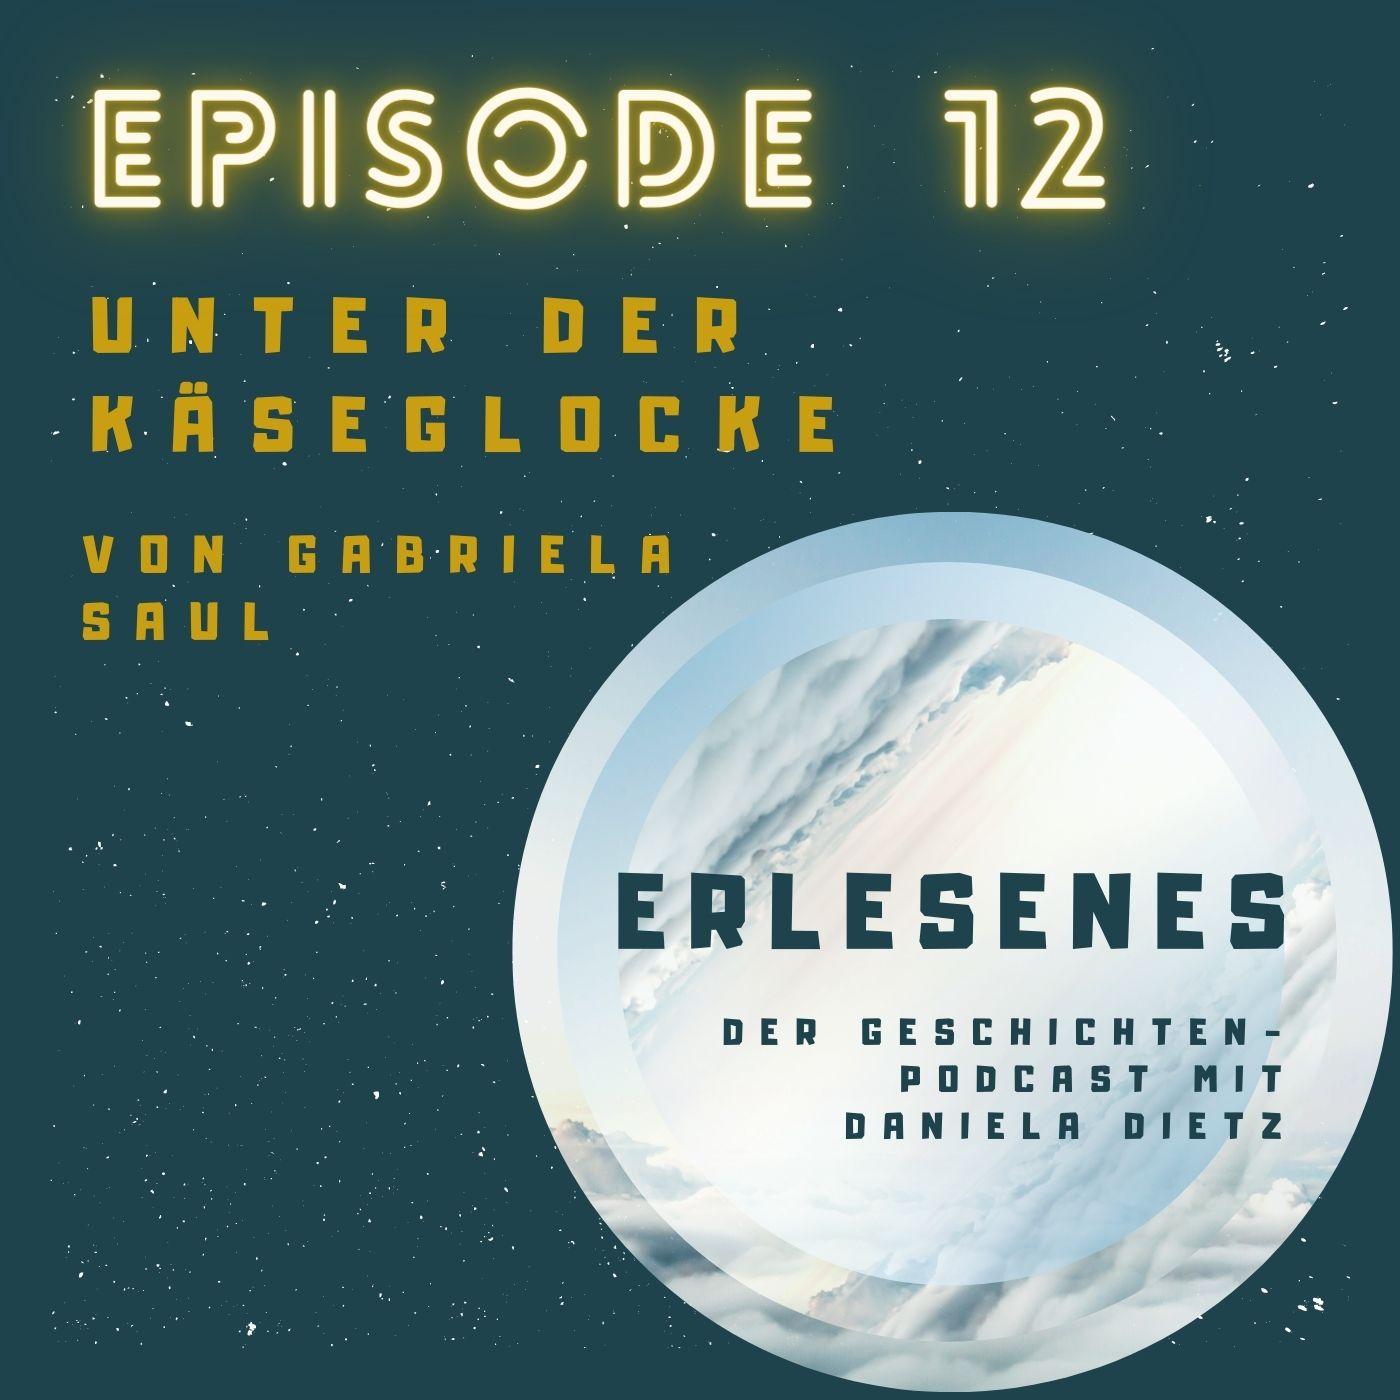 Episode 12: Unter der Käseglocke von Gabriela Saul